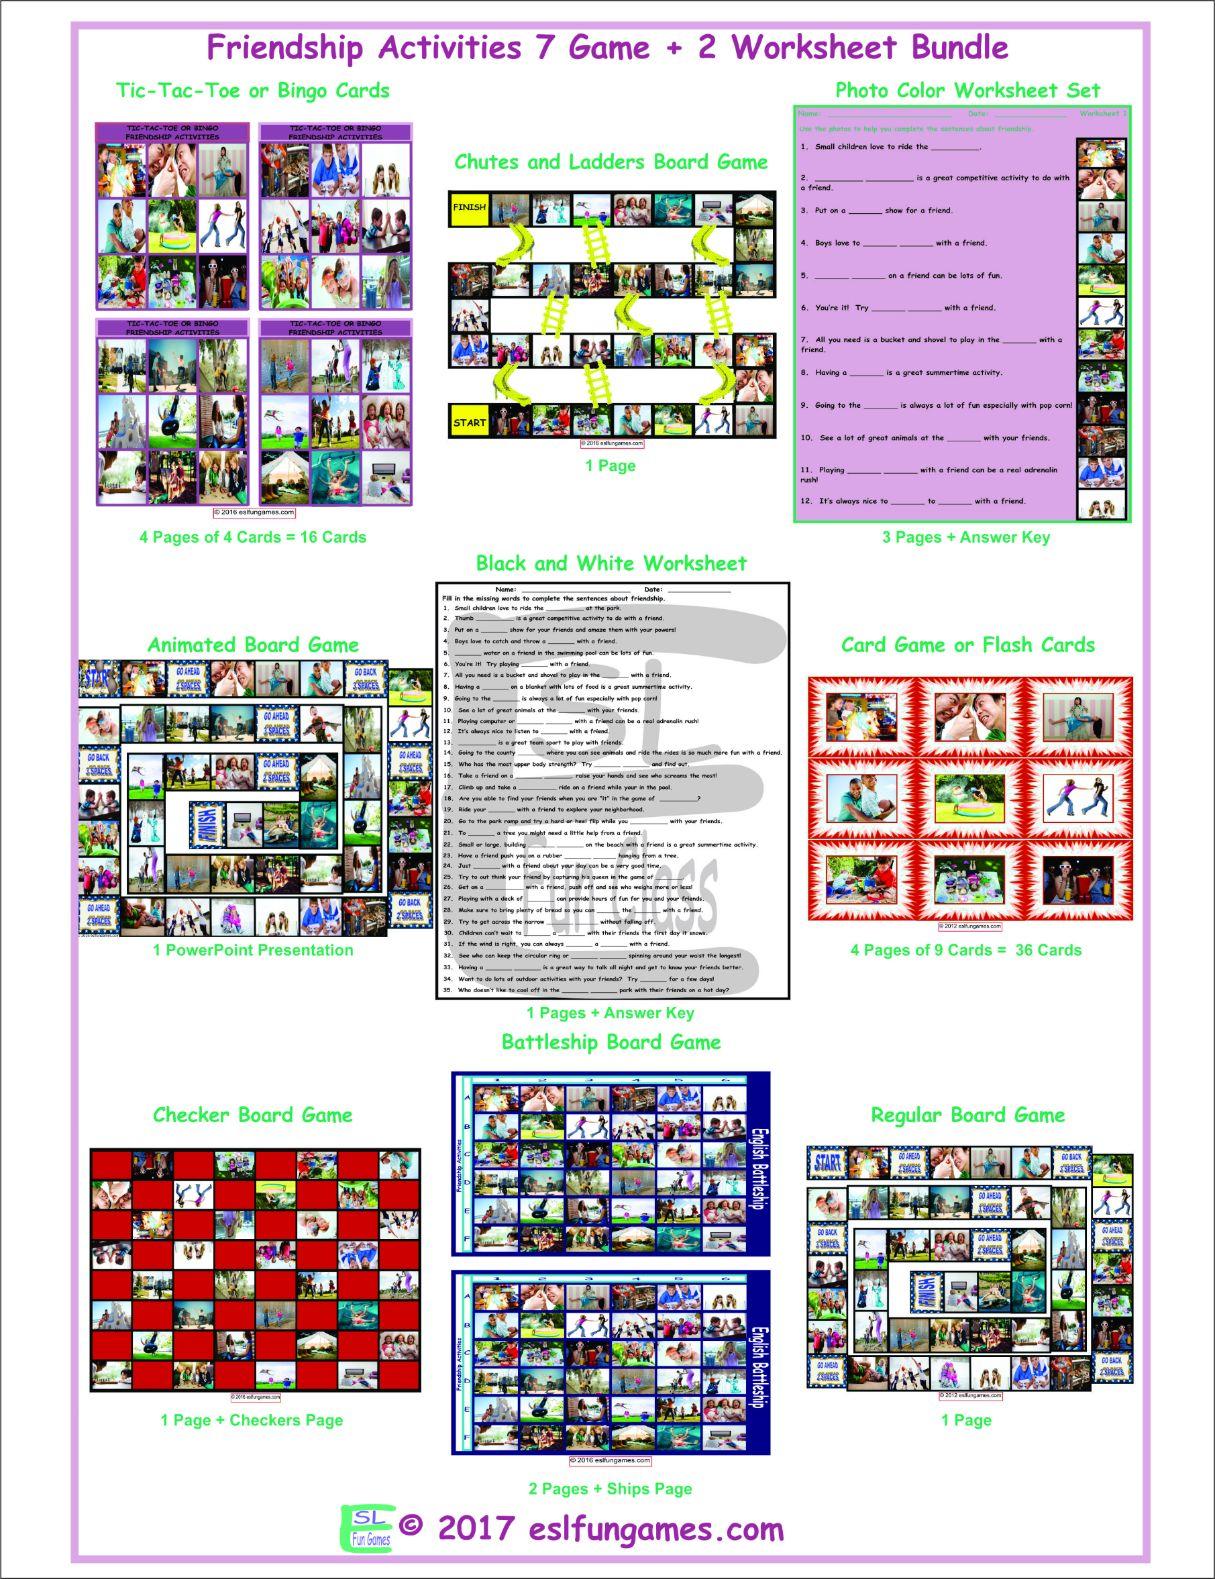 Friendship Activities 7 Game Plus 2 Worksheet Bundle